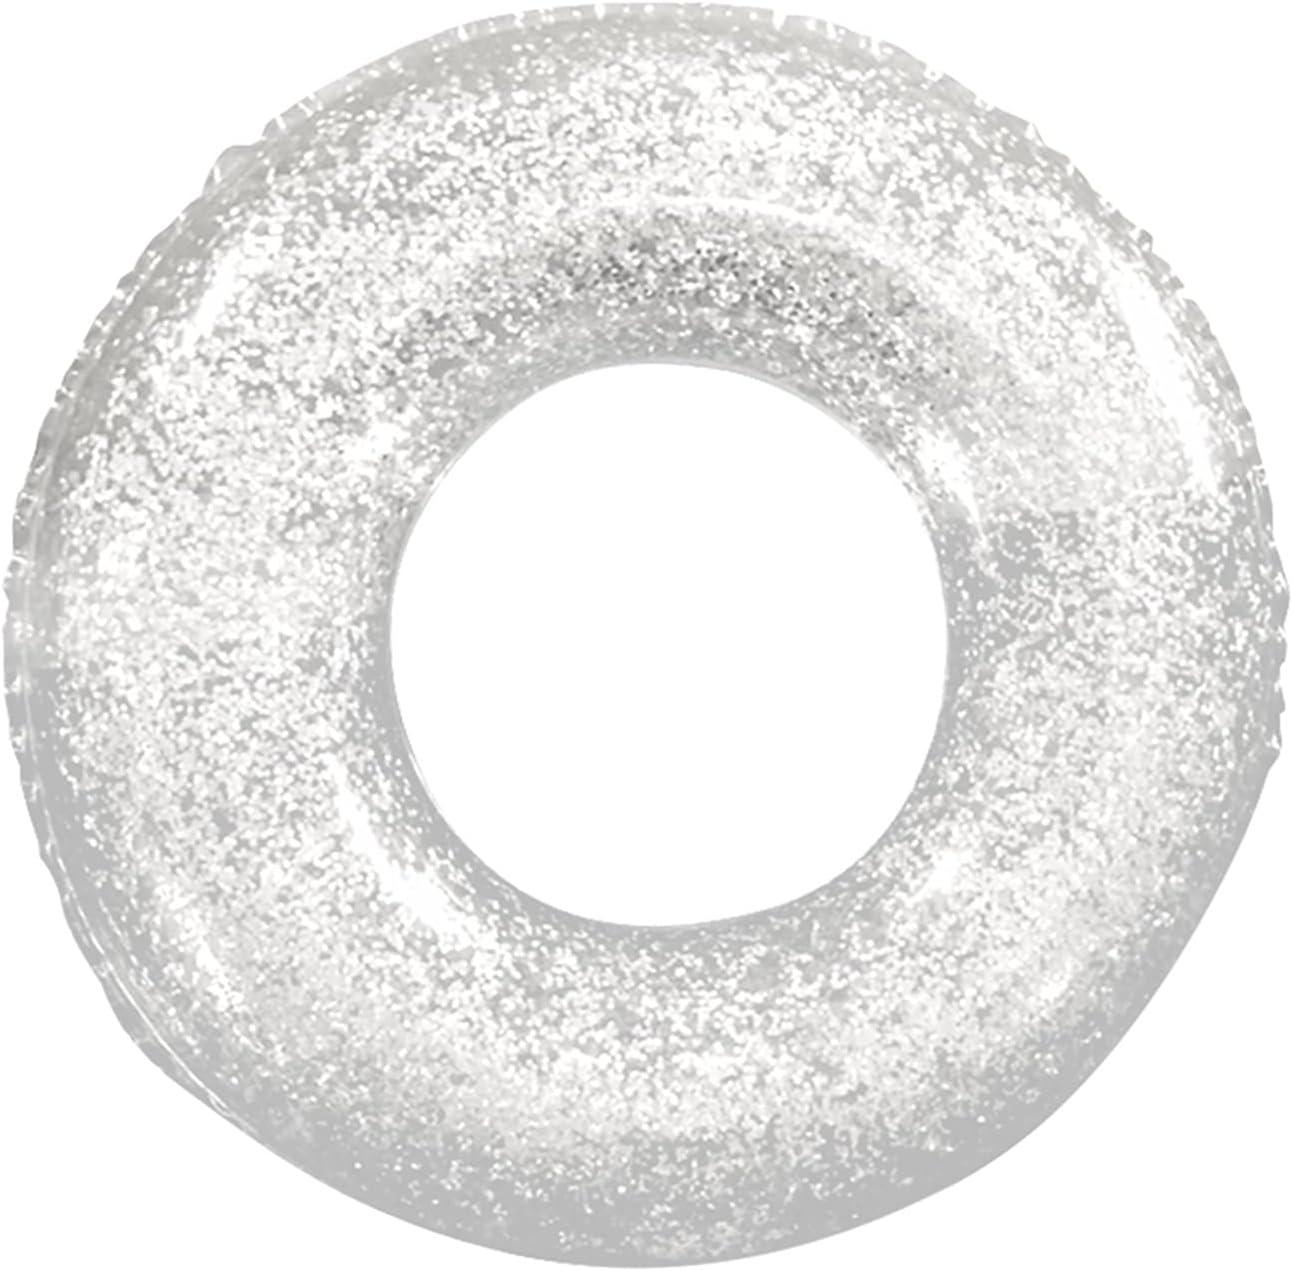 GYSEA Bola Flotante de la Piscina del Brillo Dorado, Anillo de natación Brillante de Cristal de la Piscina Inflable, 90 cm 120 cm Anillo de natación Adulto